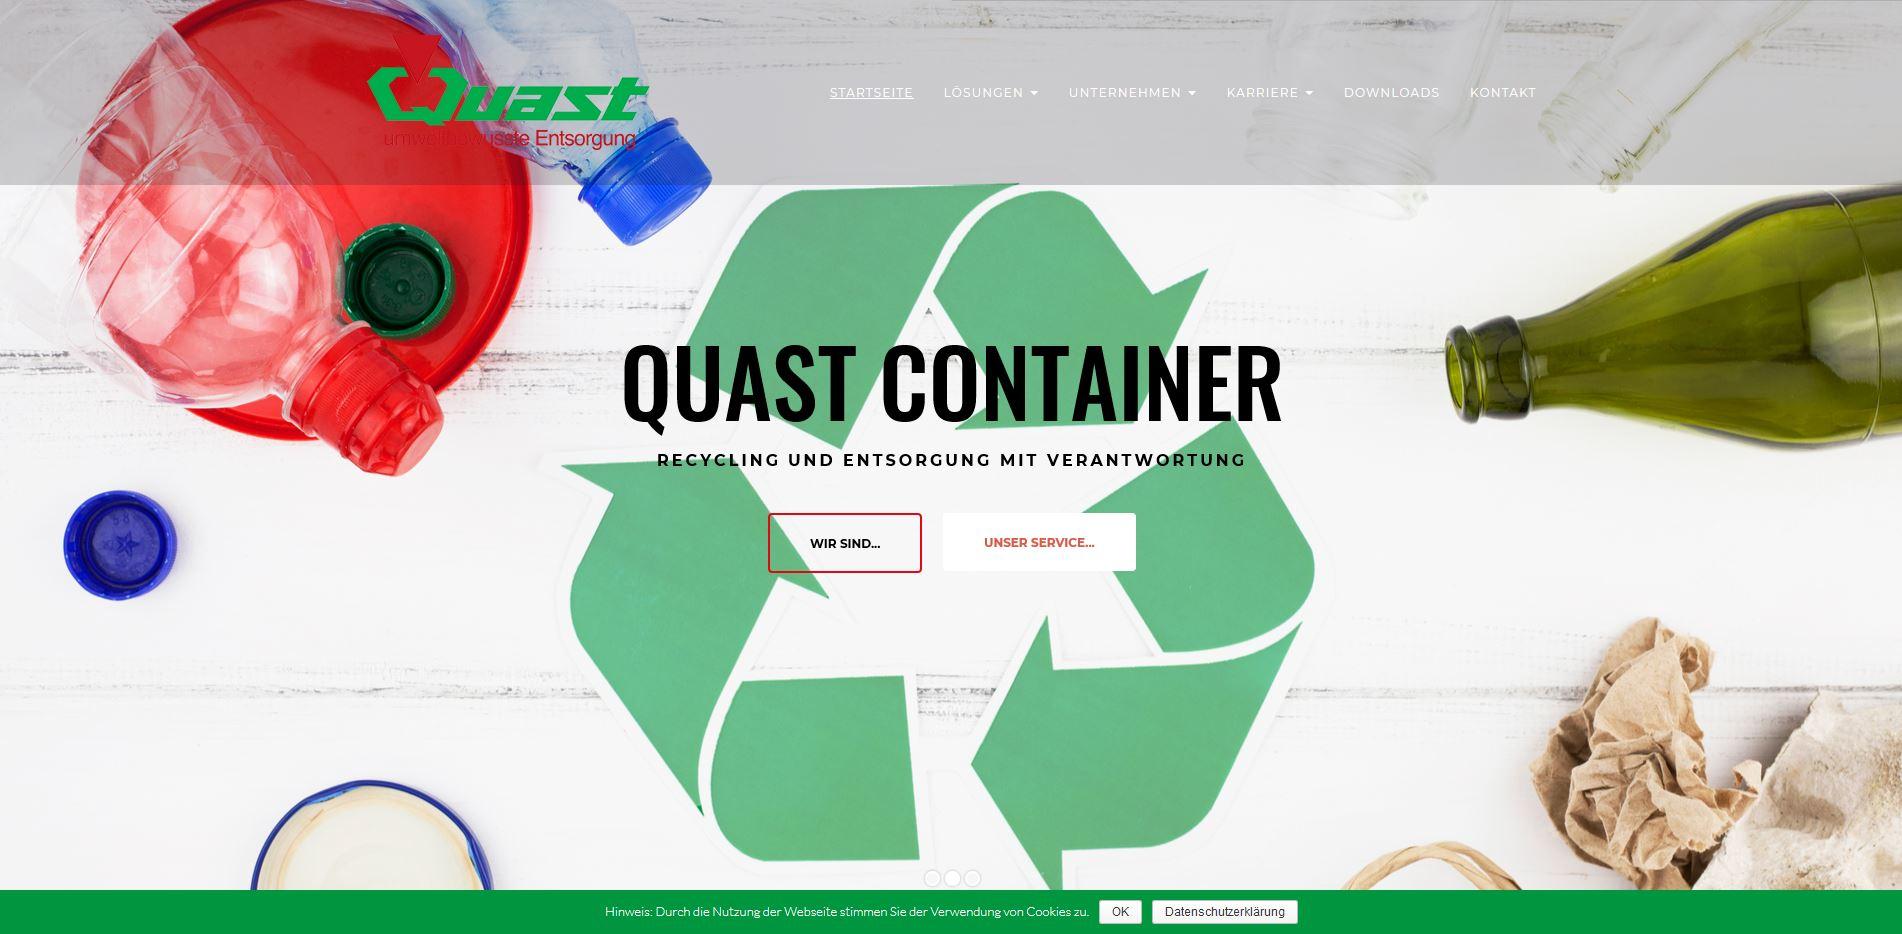 quast